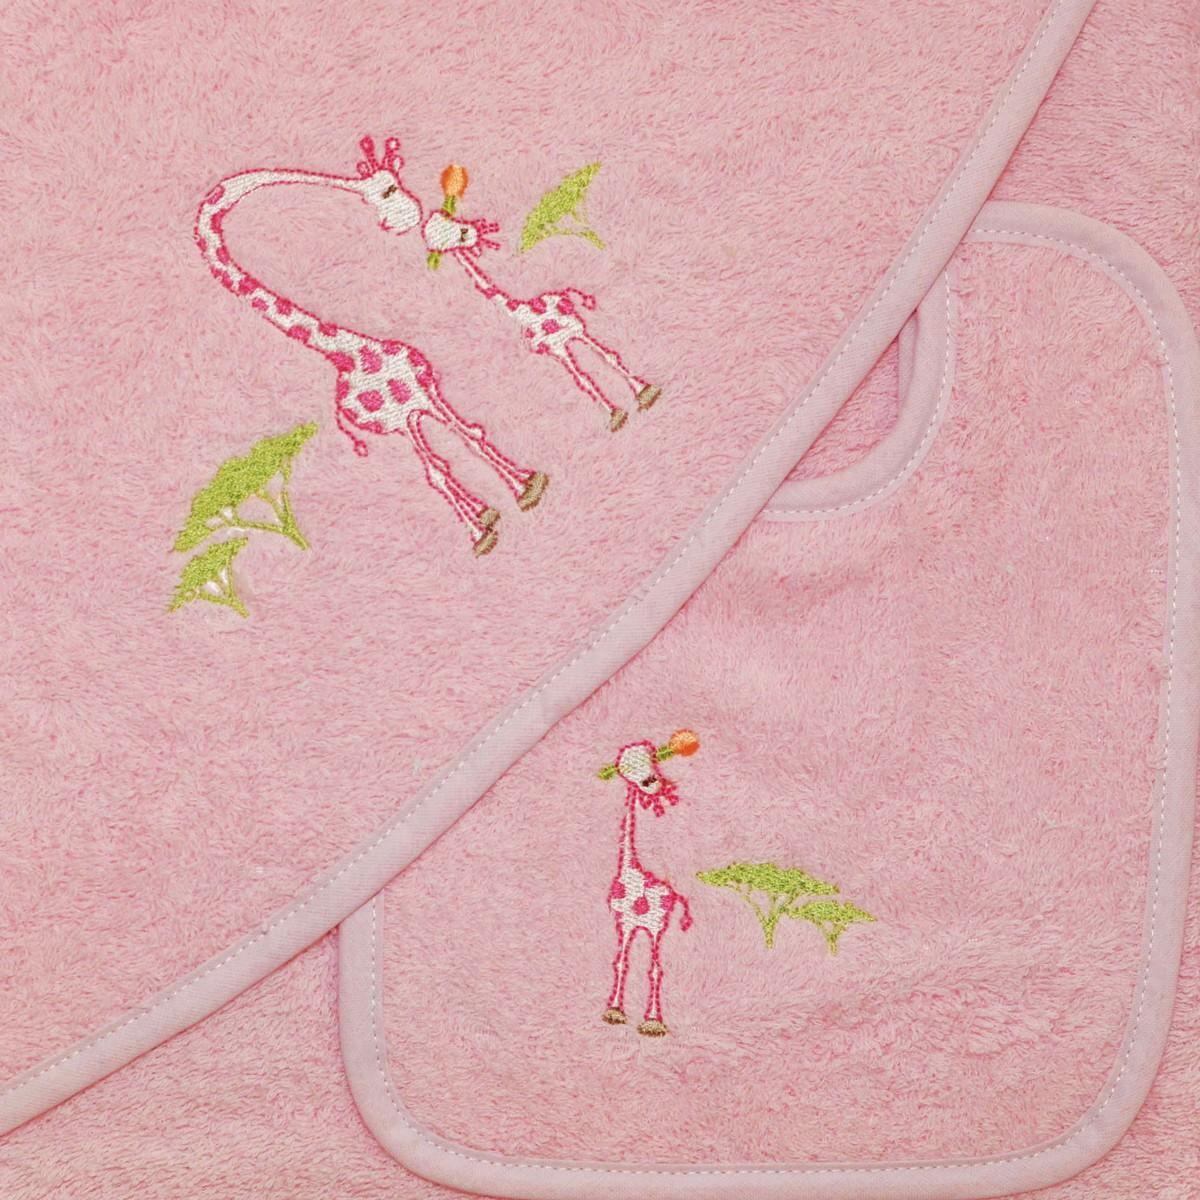 Βρεφική Κάπα + Σαλιάρα Morven 621 Pink